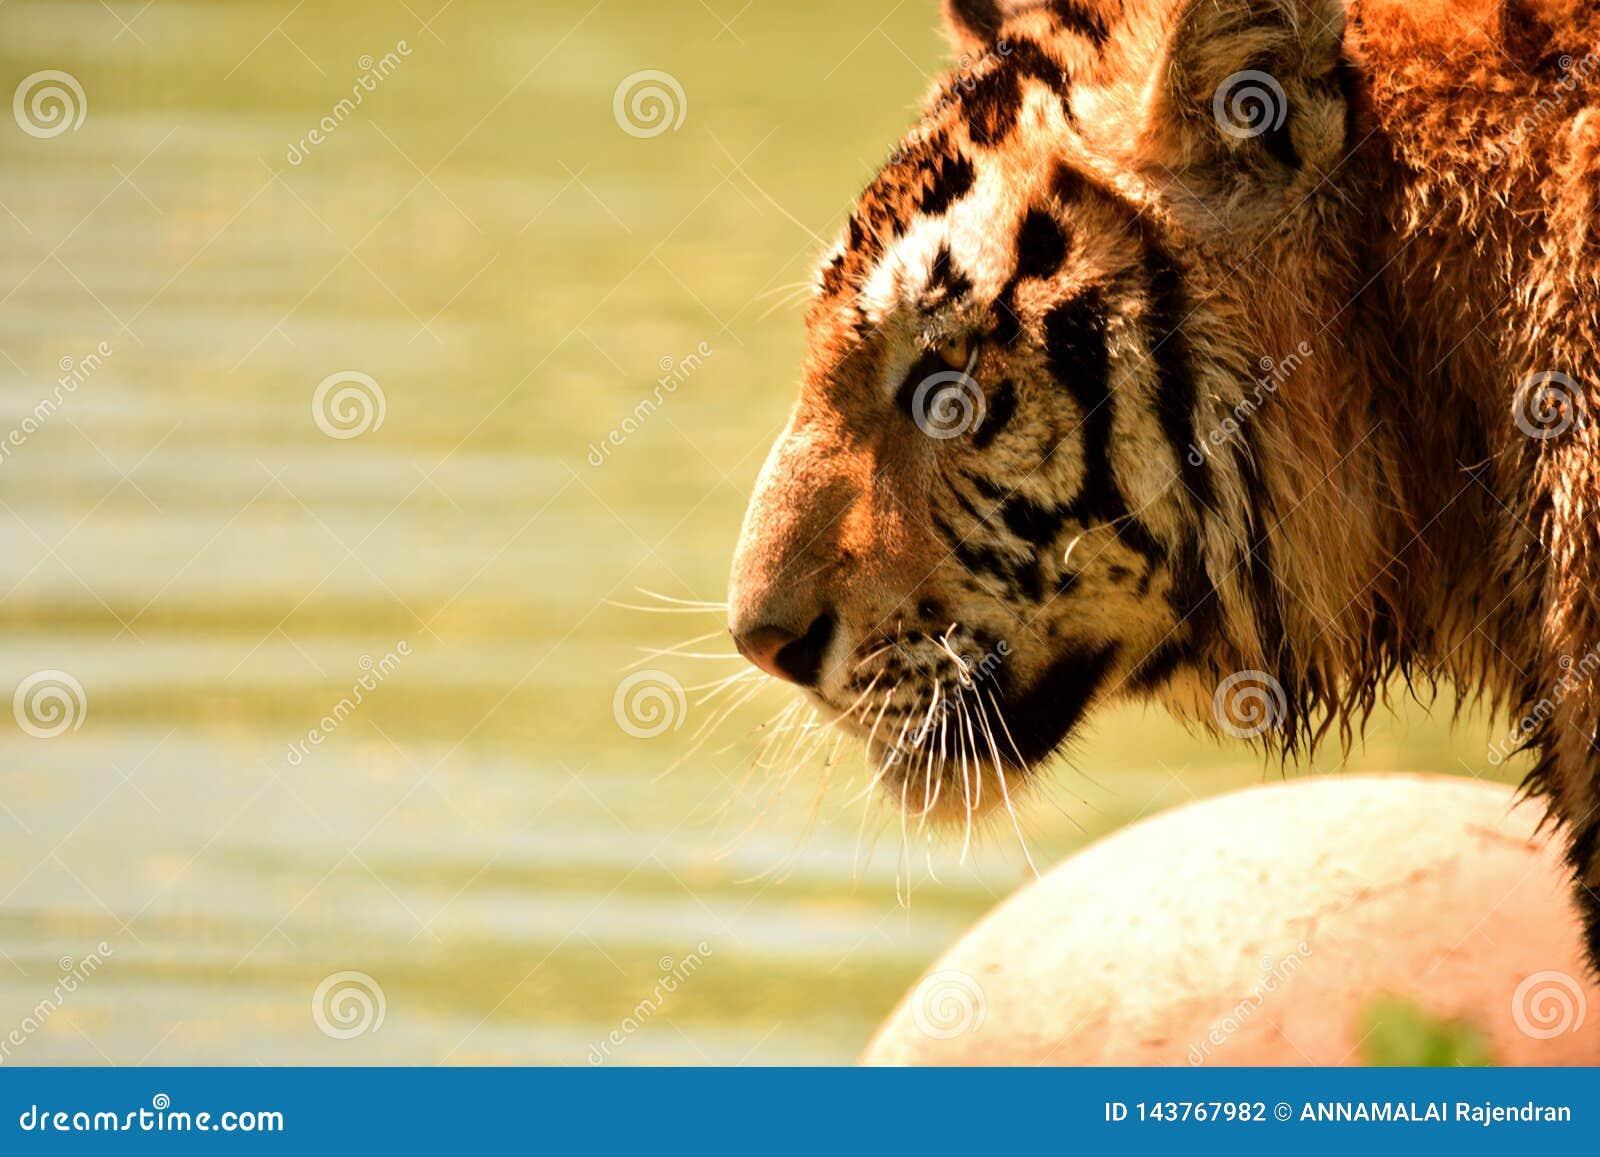 Tigre en desierto